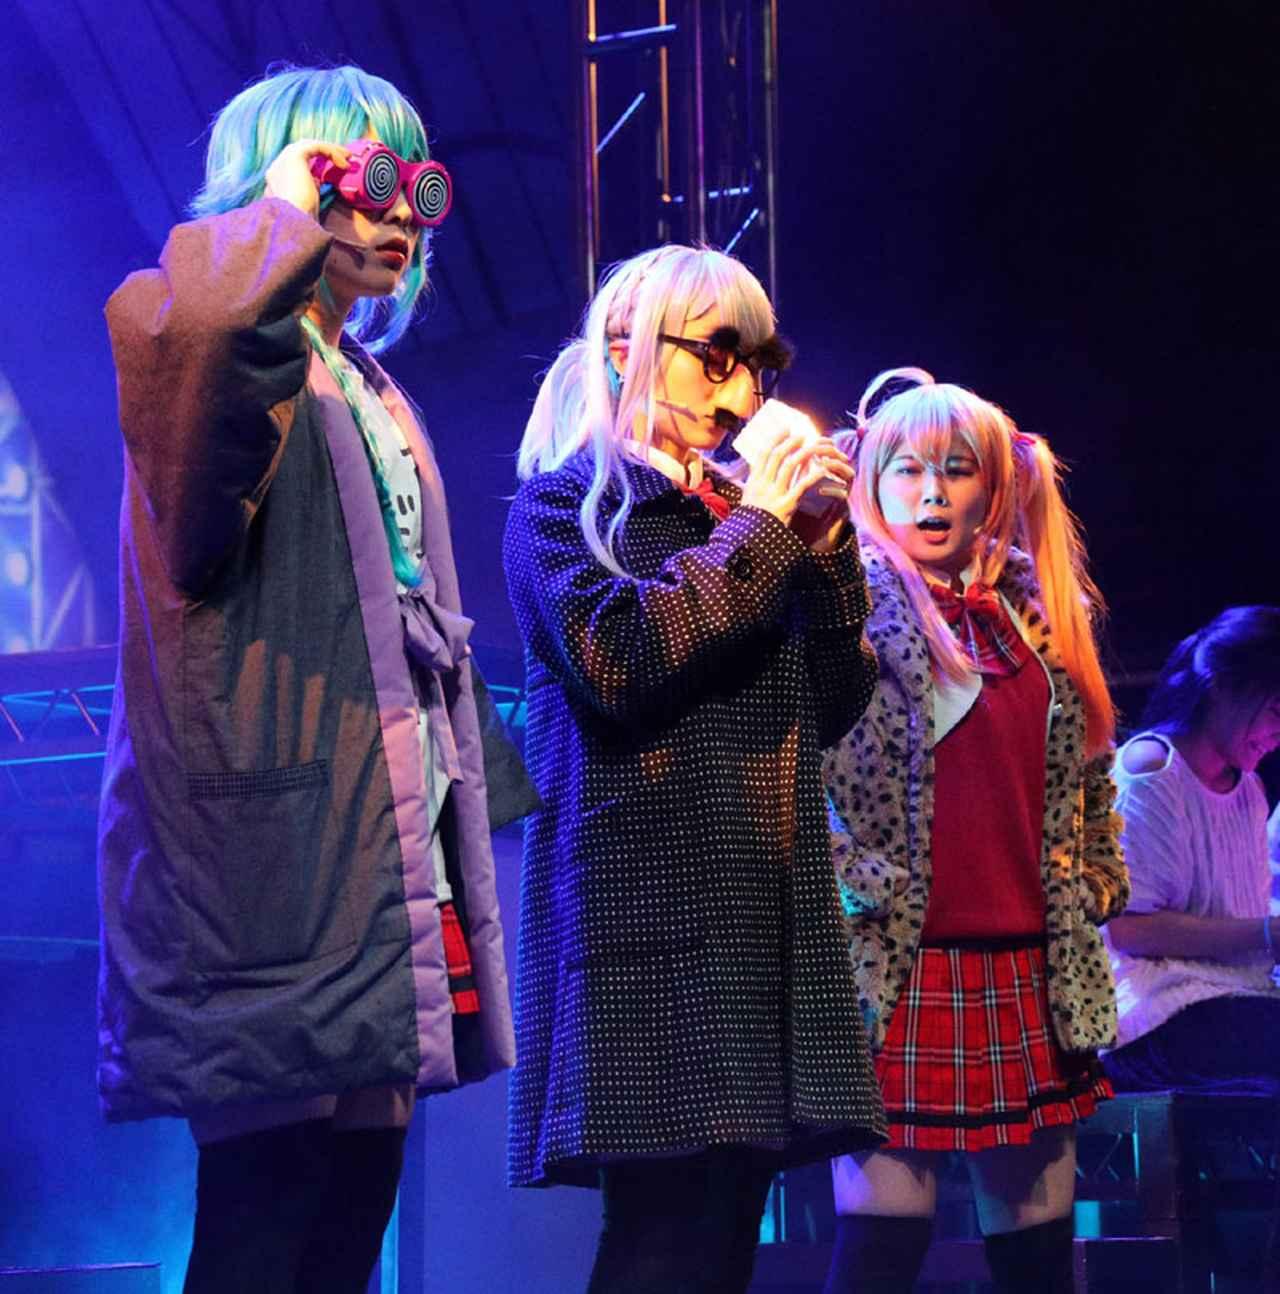 Images : 9番目の画像 - 「七木奏音、天音みほ/「舞台プロジェクト東京ドールズ」本日より開幕。新宿に召喚された9名の美女たちが未知の脅威と戦うアクションたっぷりの注目作!」のアルバム - Stereo Sound ONLINE